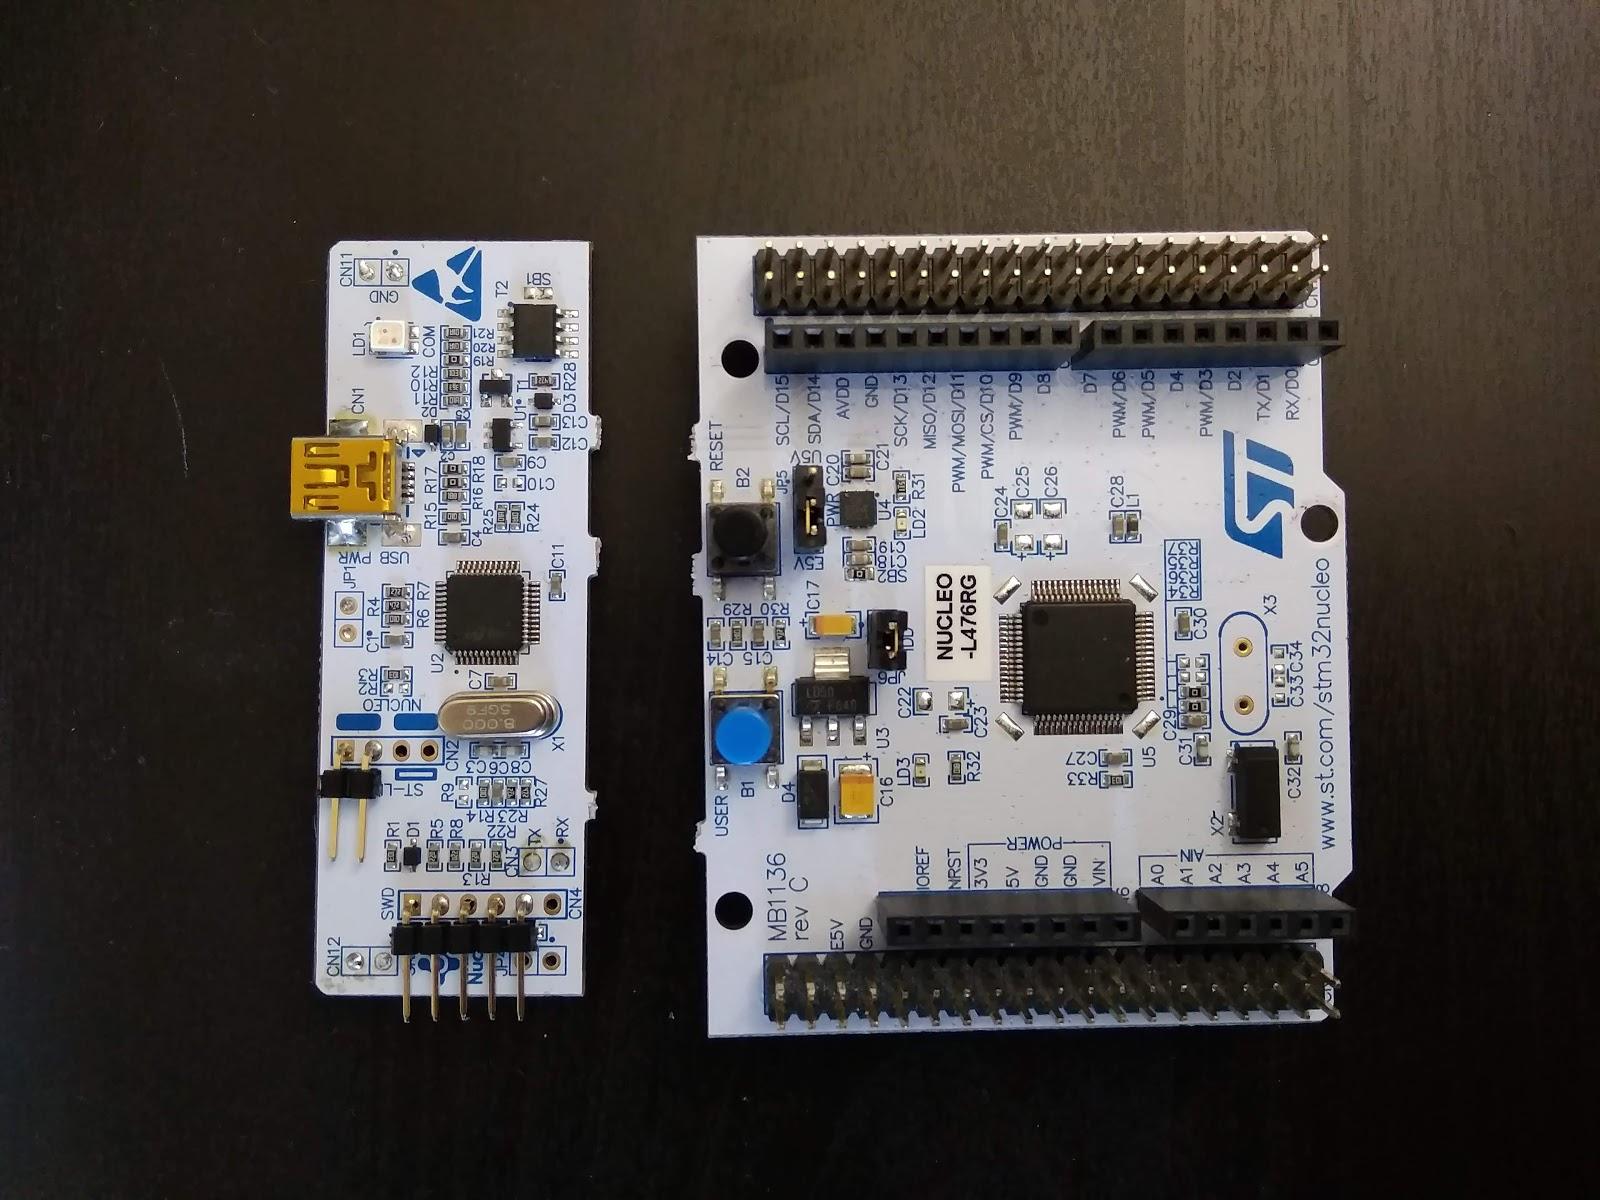 Repurposing STLink of Nucleo64 boards